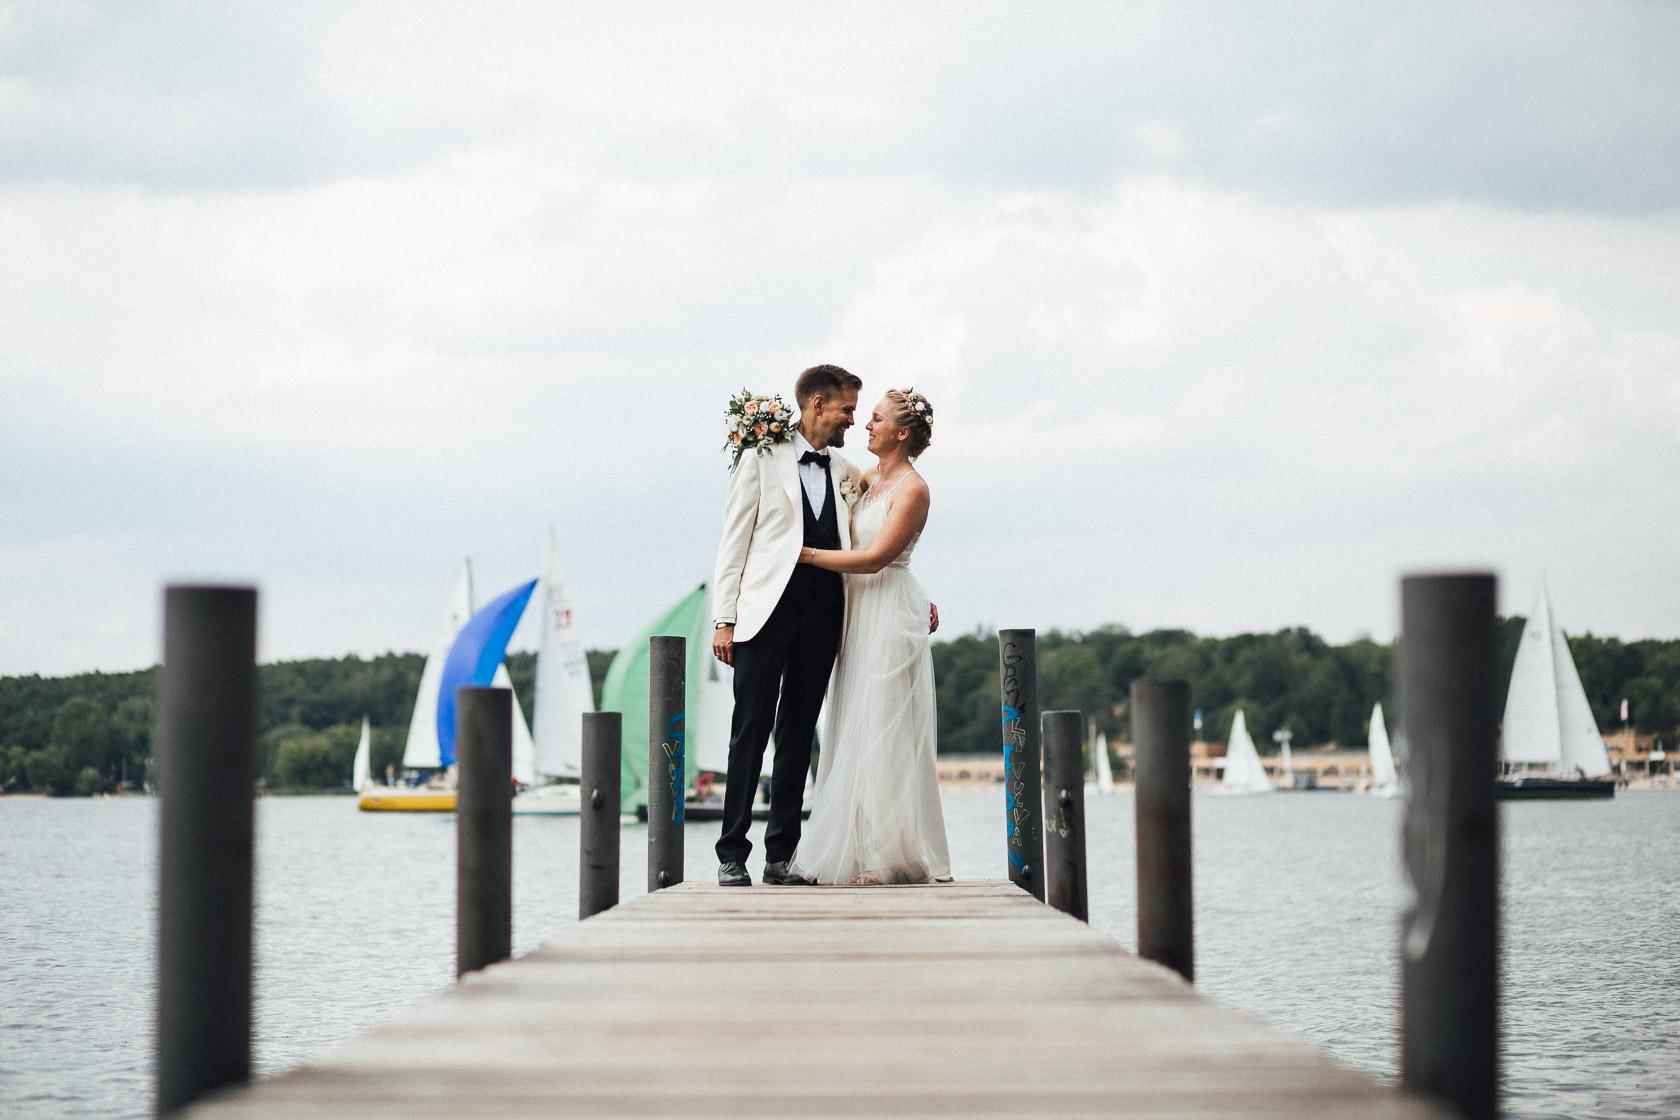 Verliebtes Brautpaar umarmt sich am Wannsee an einem Bootssteg